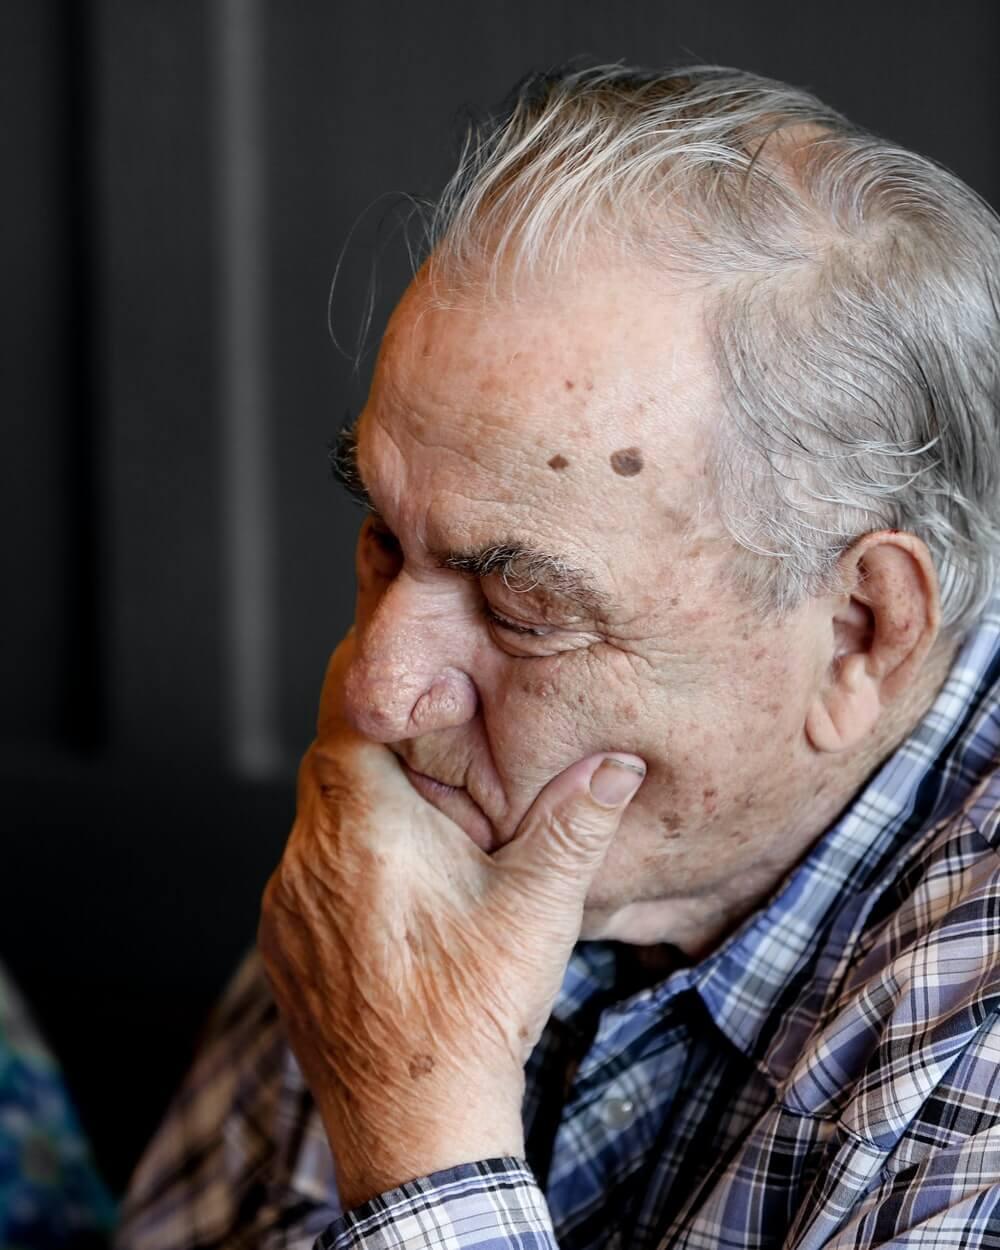 кратко о старческом маразме